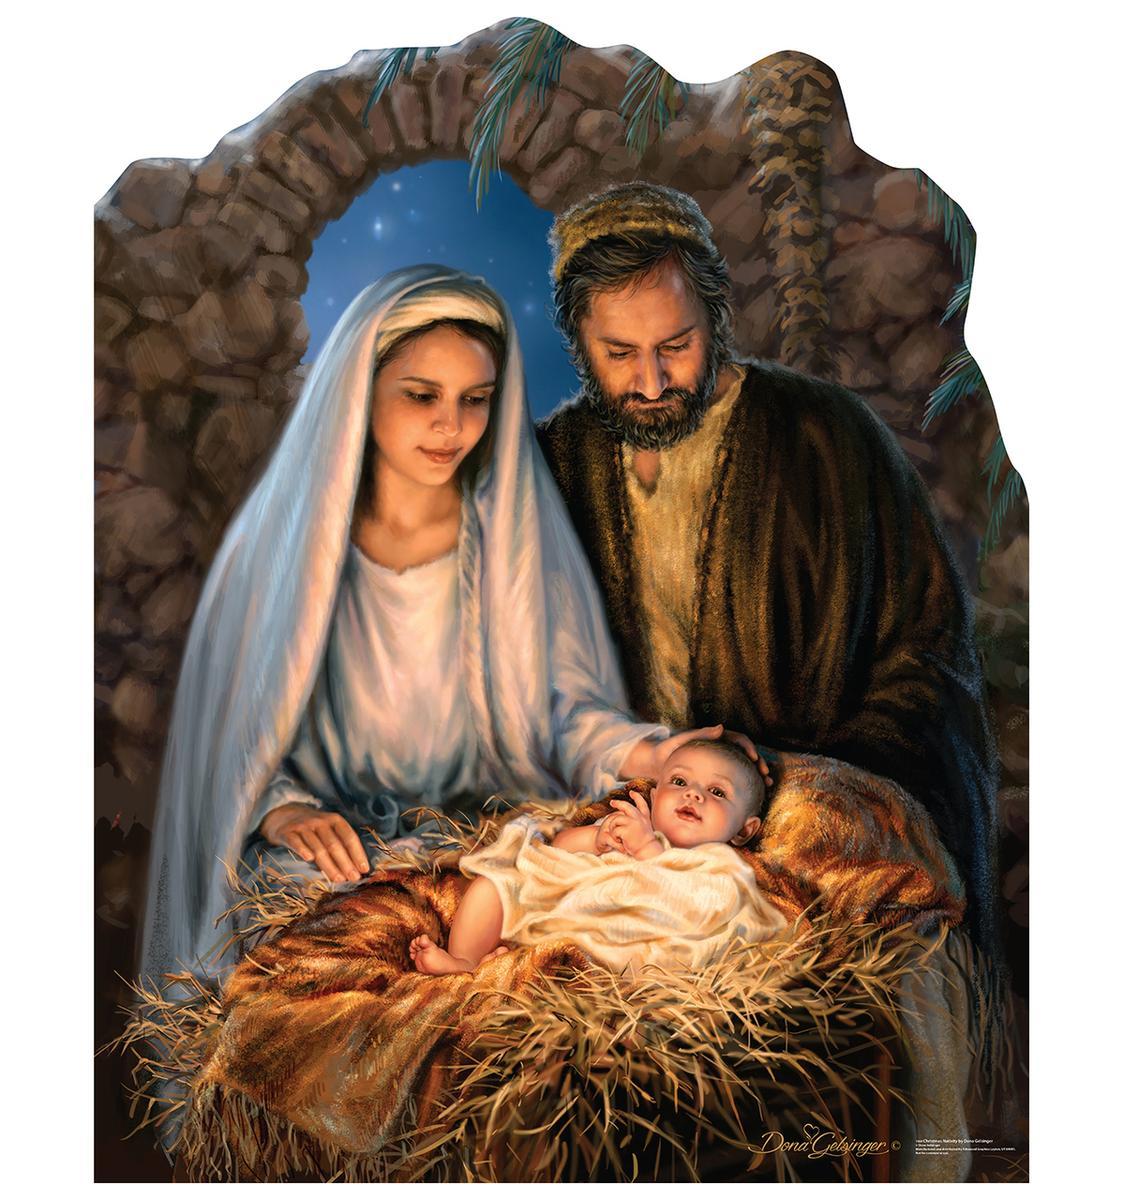 マリア ヨセフ イエス キリスト 生誕 等身大 パネル クリスマス キリスト教 飾り インテリア デコレーション